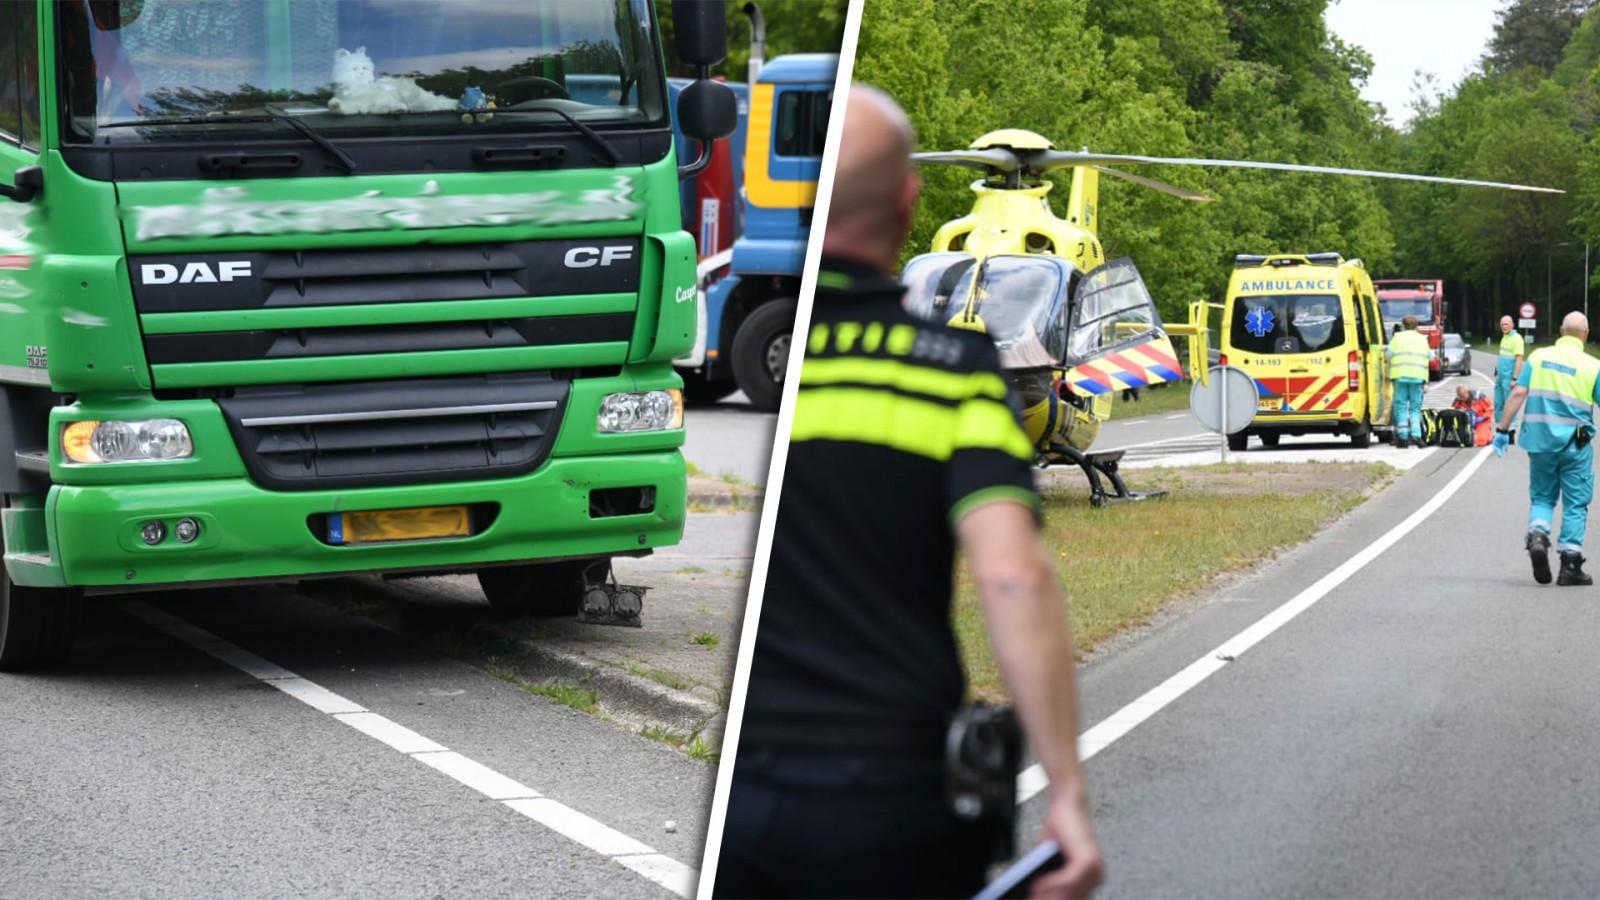 Fietser geschept door vrachtwagen in Baarn